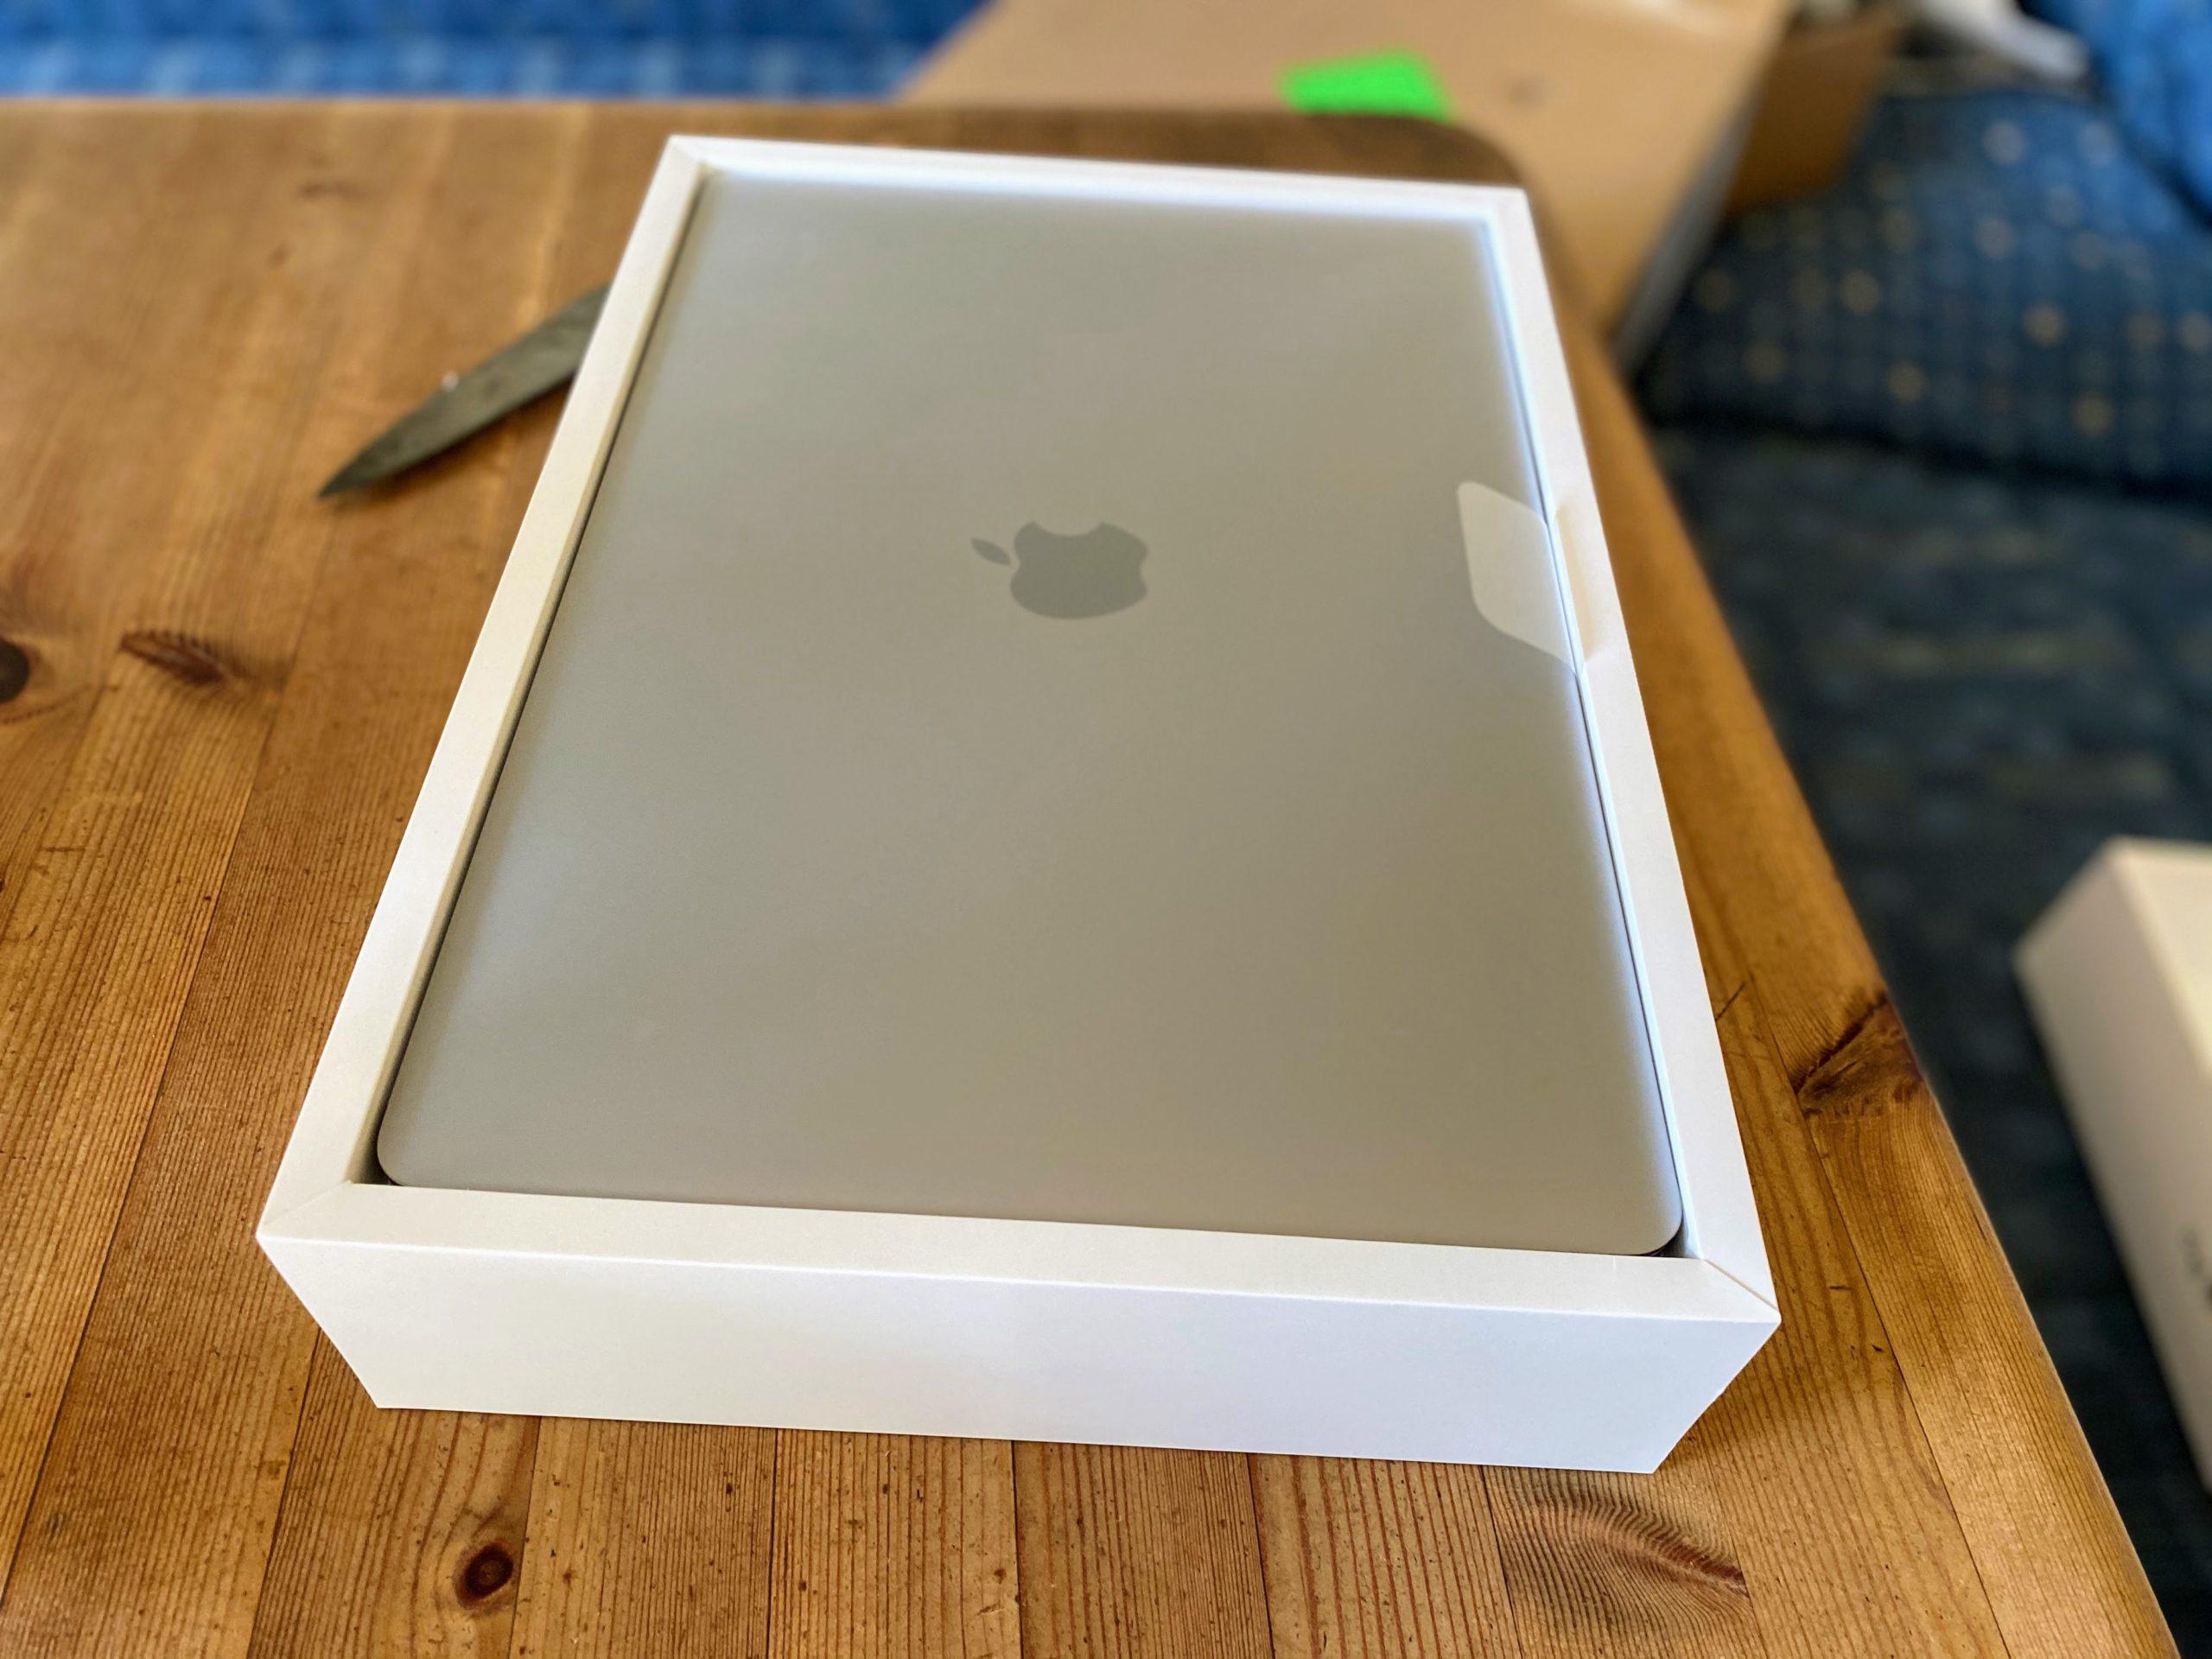 13 Zoll MacBook pro Unboxing